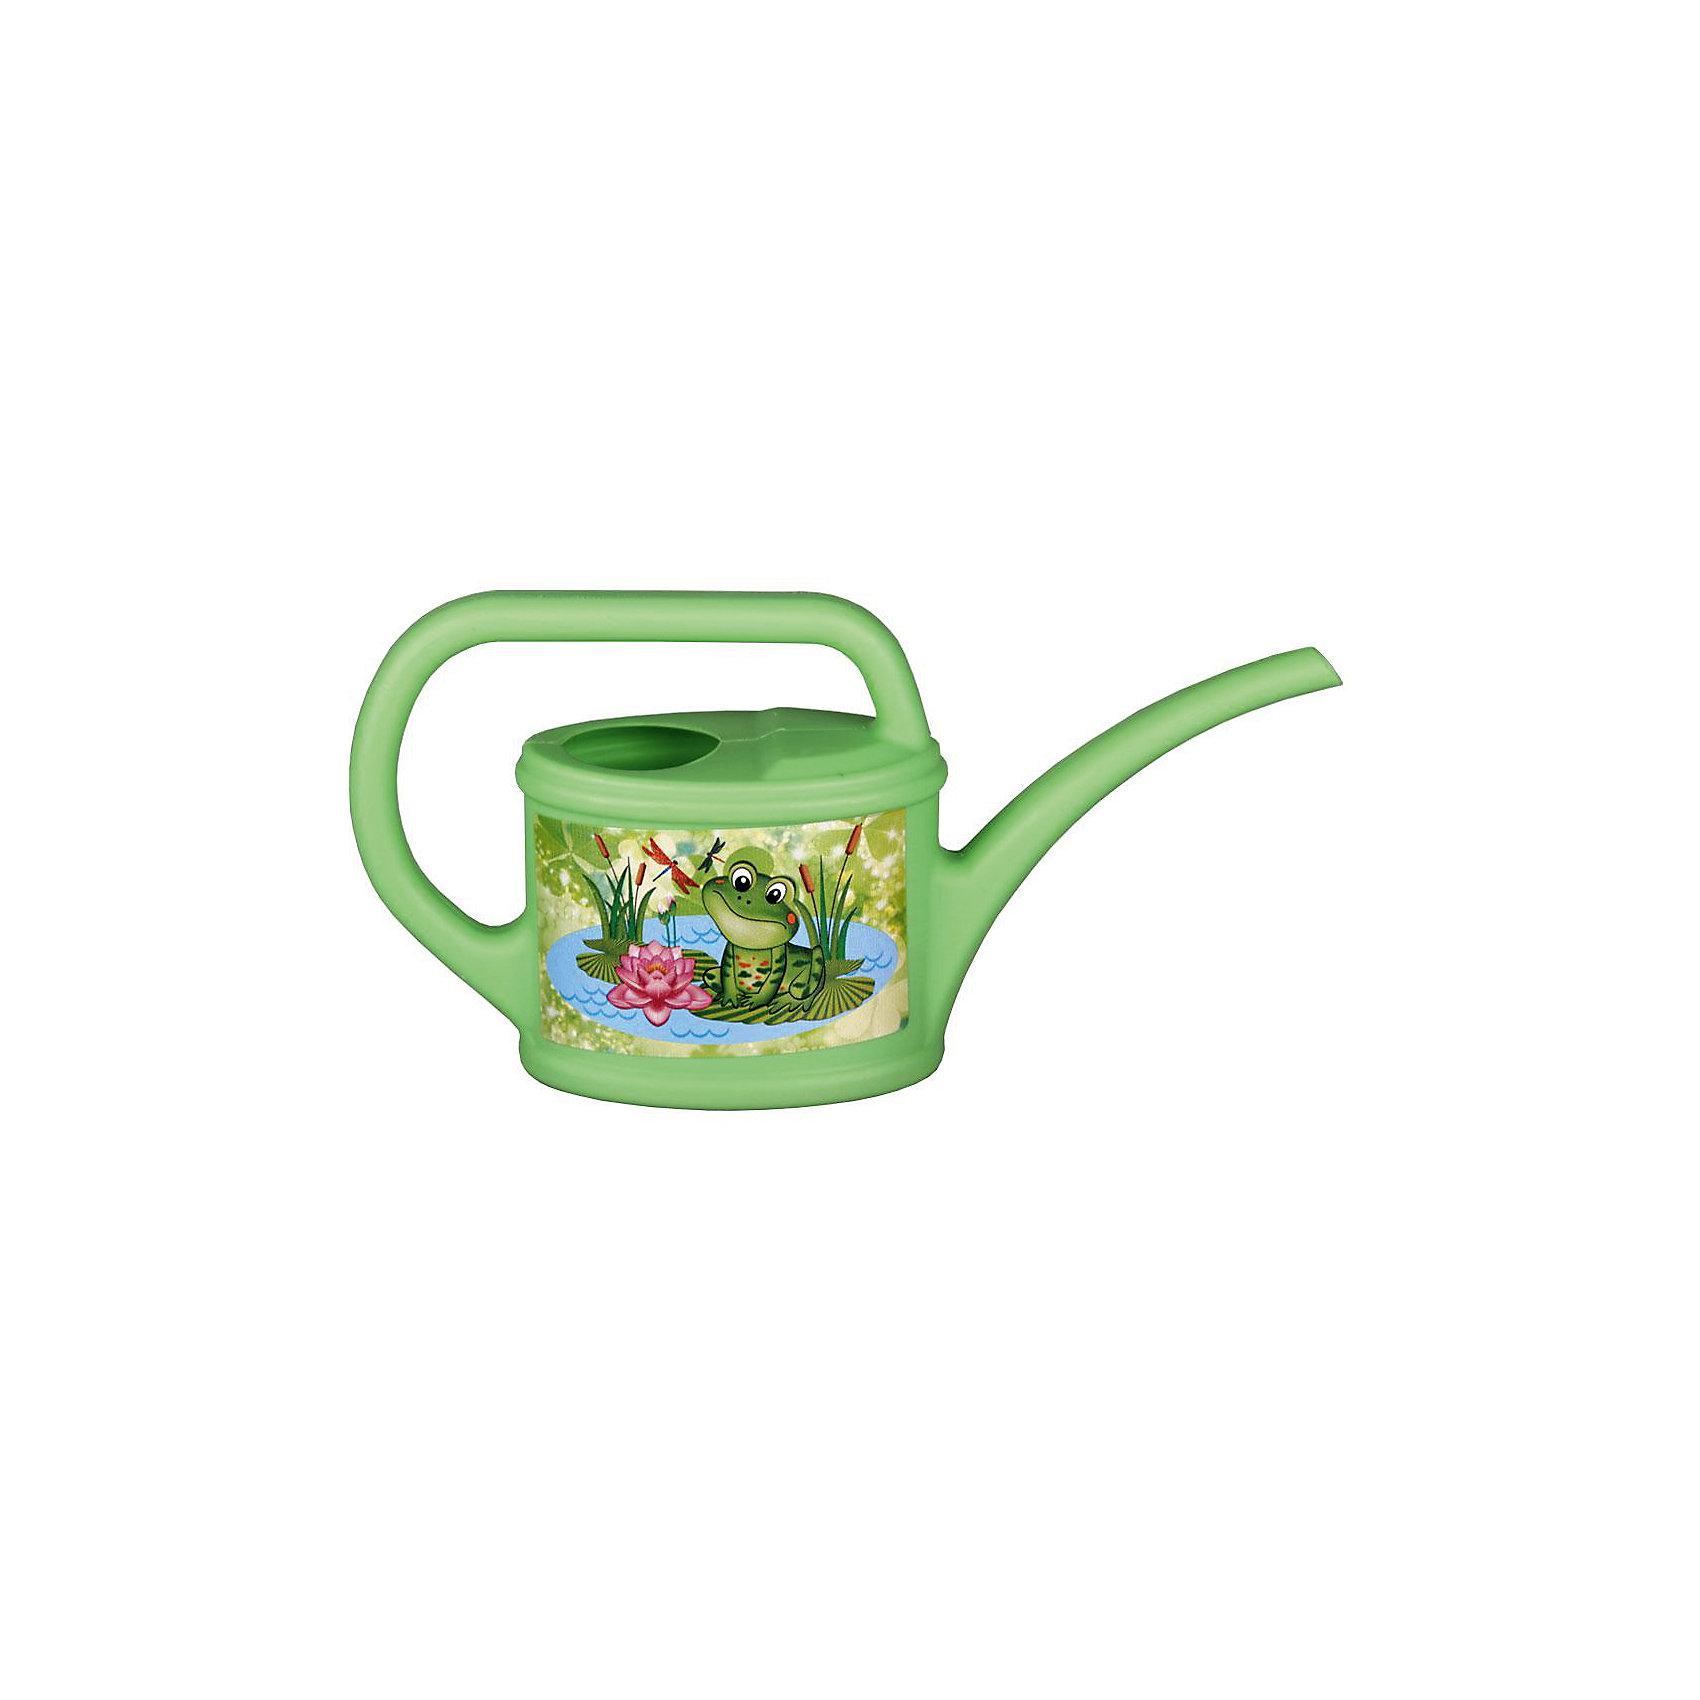 Лейка детская Декор 0,4л. ,  Alternativa, зелёныйОчаровательная лейка Декор изготовлена из качественного пластика, имеет удобную ручку и длинный носик. На лейке изображены милый мишка и лягушка. С этой лейкой ребенку будет очень интересно поливать цветы дома или помогать на даче!<br><br>Дополнительная информация:<br>Материал: пластик<br>Цвет: зеленый<br>Объем: 0,4 л<br>Размеры: 24х6,5х14 см<br><br>Лейку Декор можно приобрести в нашем интернет-магазине.<br><br>Ширина мм: 240<br>Глубина мм: 65<br>Высота мм: 140<br>Вес г: 59<br>Возраст от месяцев: 36<br>Возраст до месяцев: 144<br>Пол: Унисекс<br>Возраст: Детский<br>SKU: 4979752